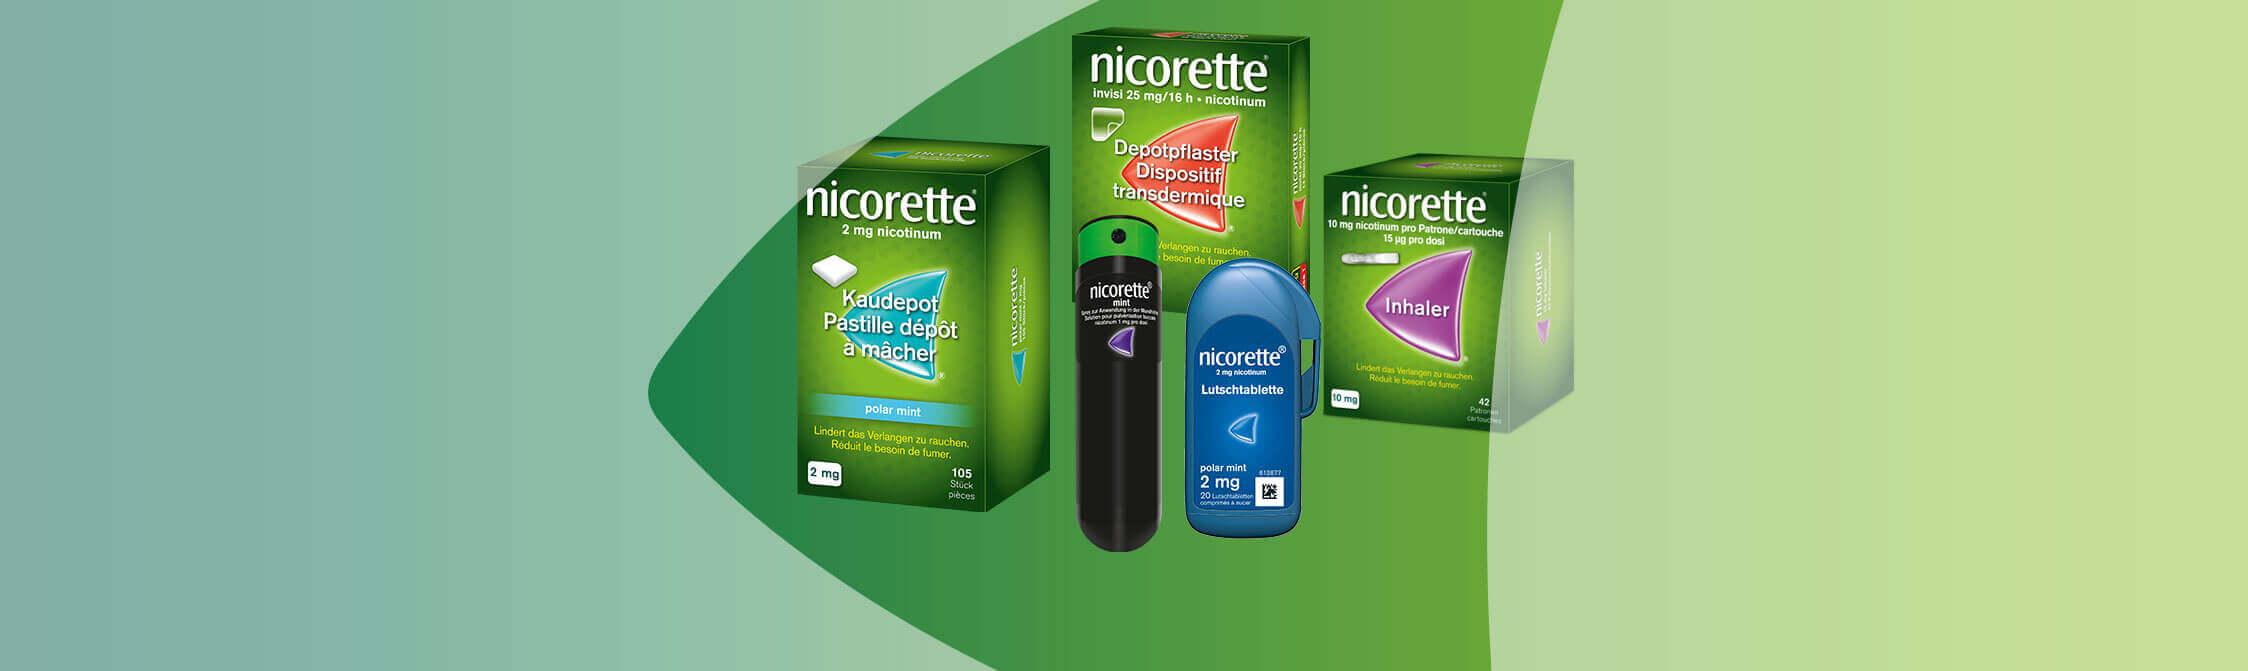 Aperçu des produits Nicorette